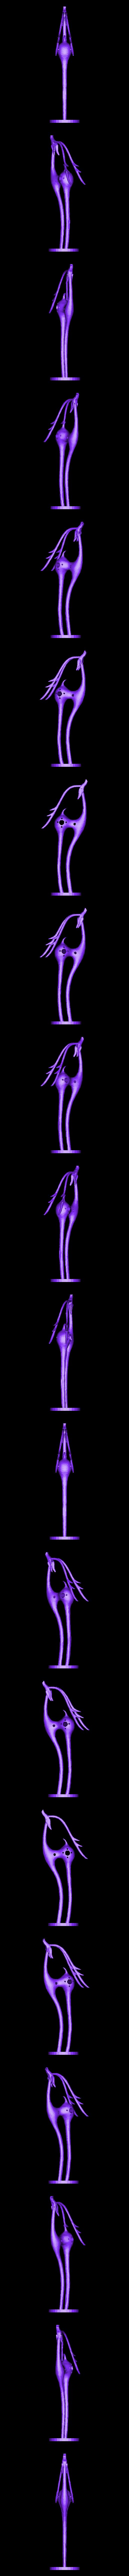 DEER.stl Télécharger fichier OBJ Chevreuil (Gazelle) • Objet pour impression 3D, h3ydari96